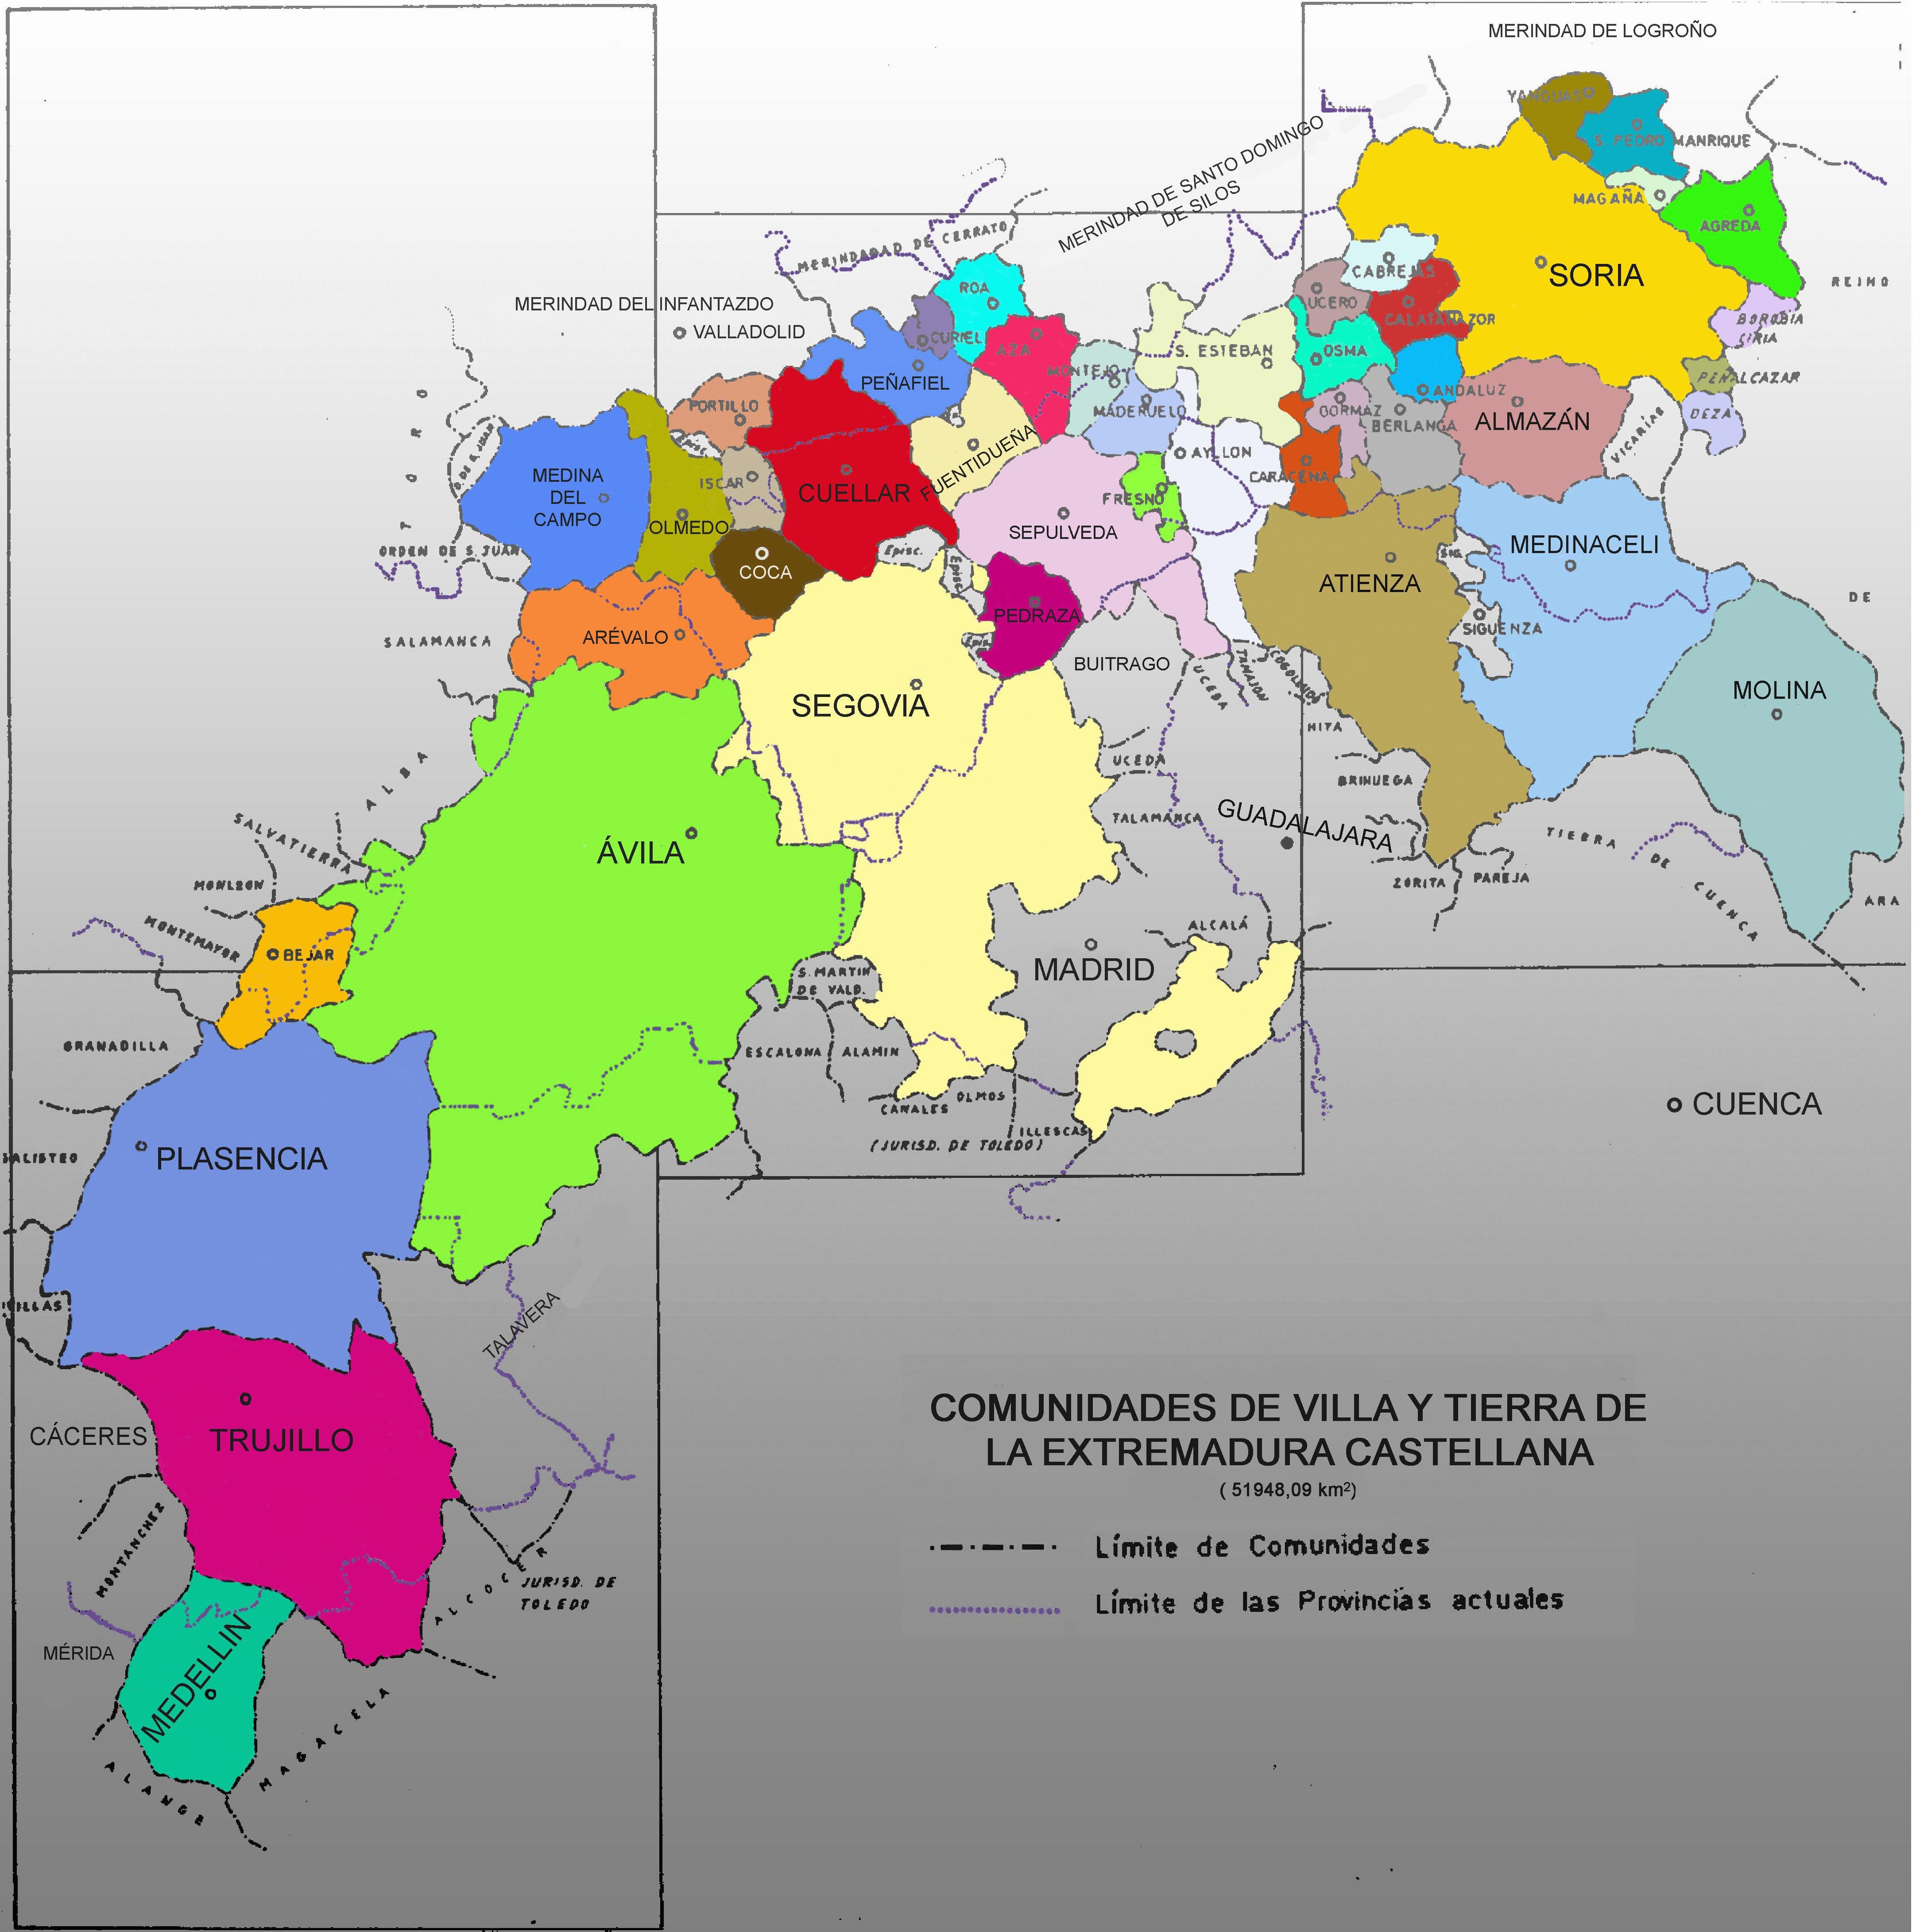 Comunidades de villa y tierra de la Extremadura castellana